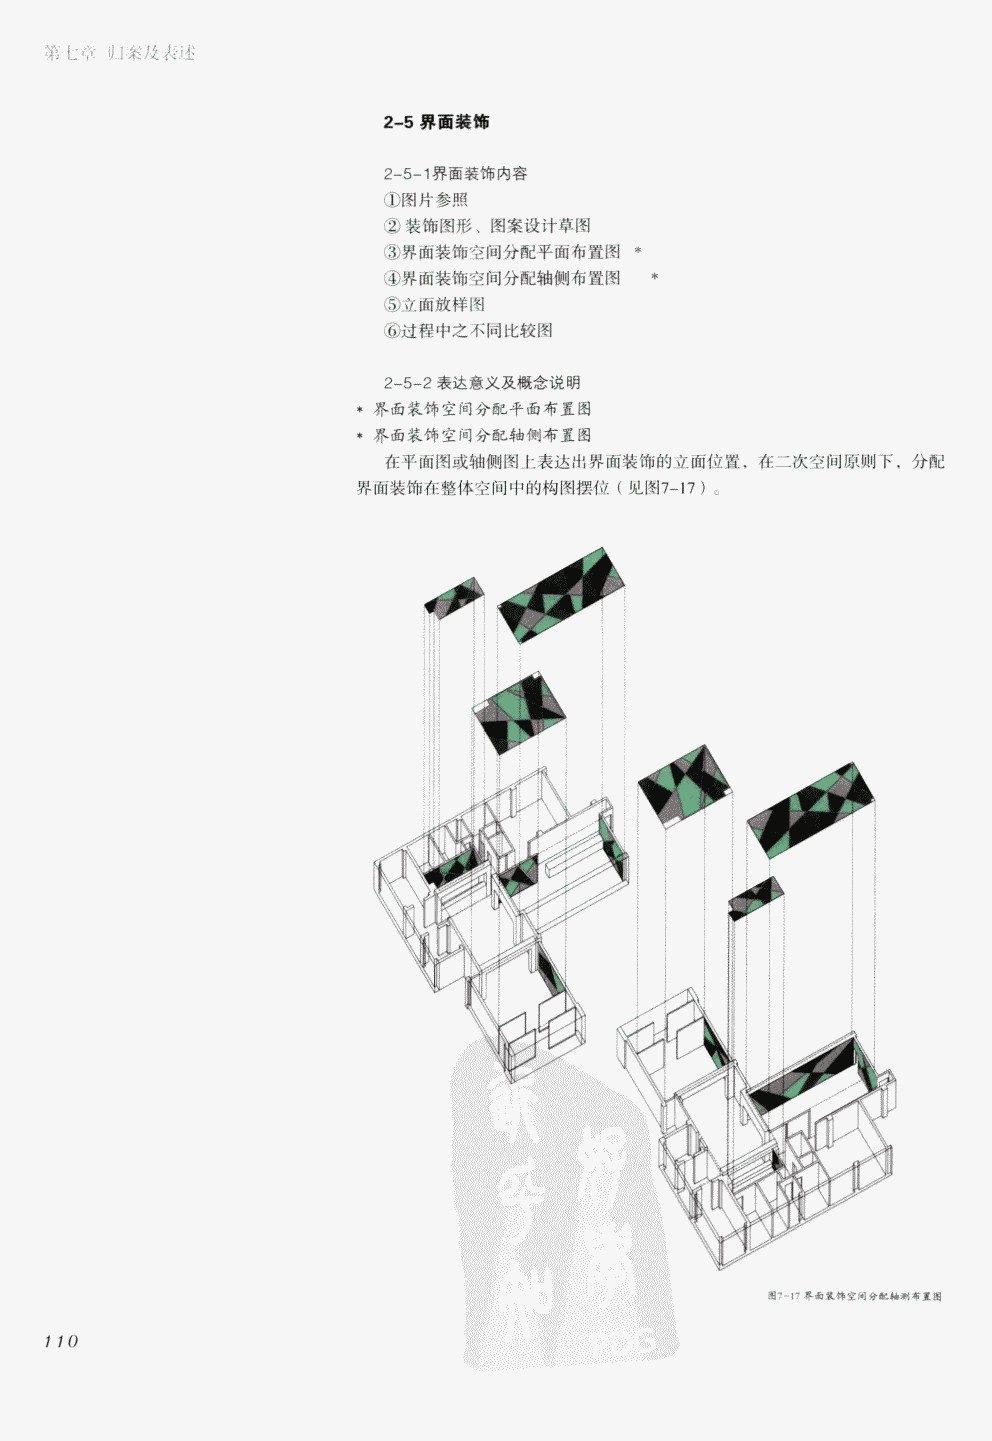 室内设计纲要++概念思考与过程表达_室内设计纲要  概念思考与过程表达_1297982..._页面_118.jpg